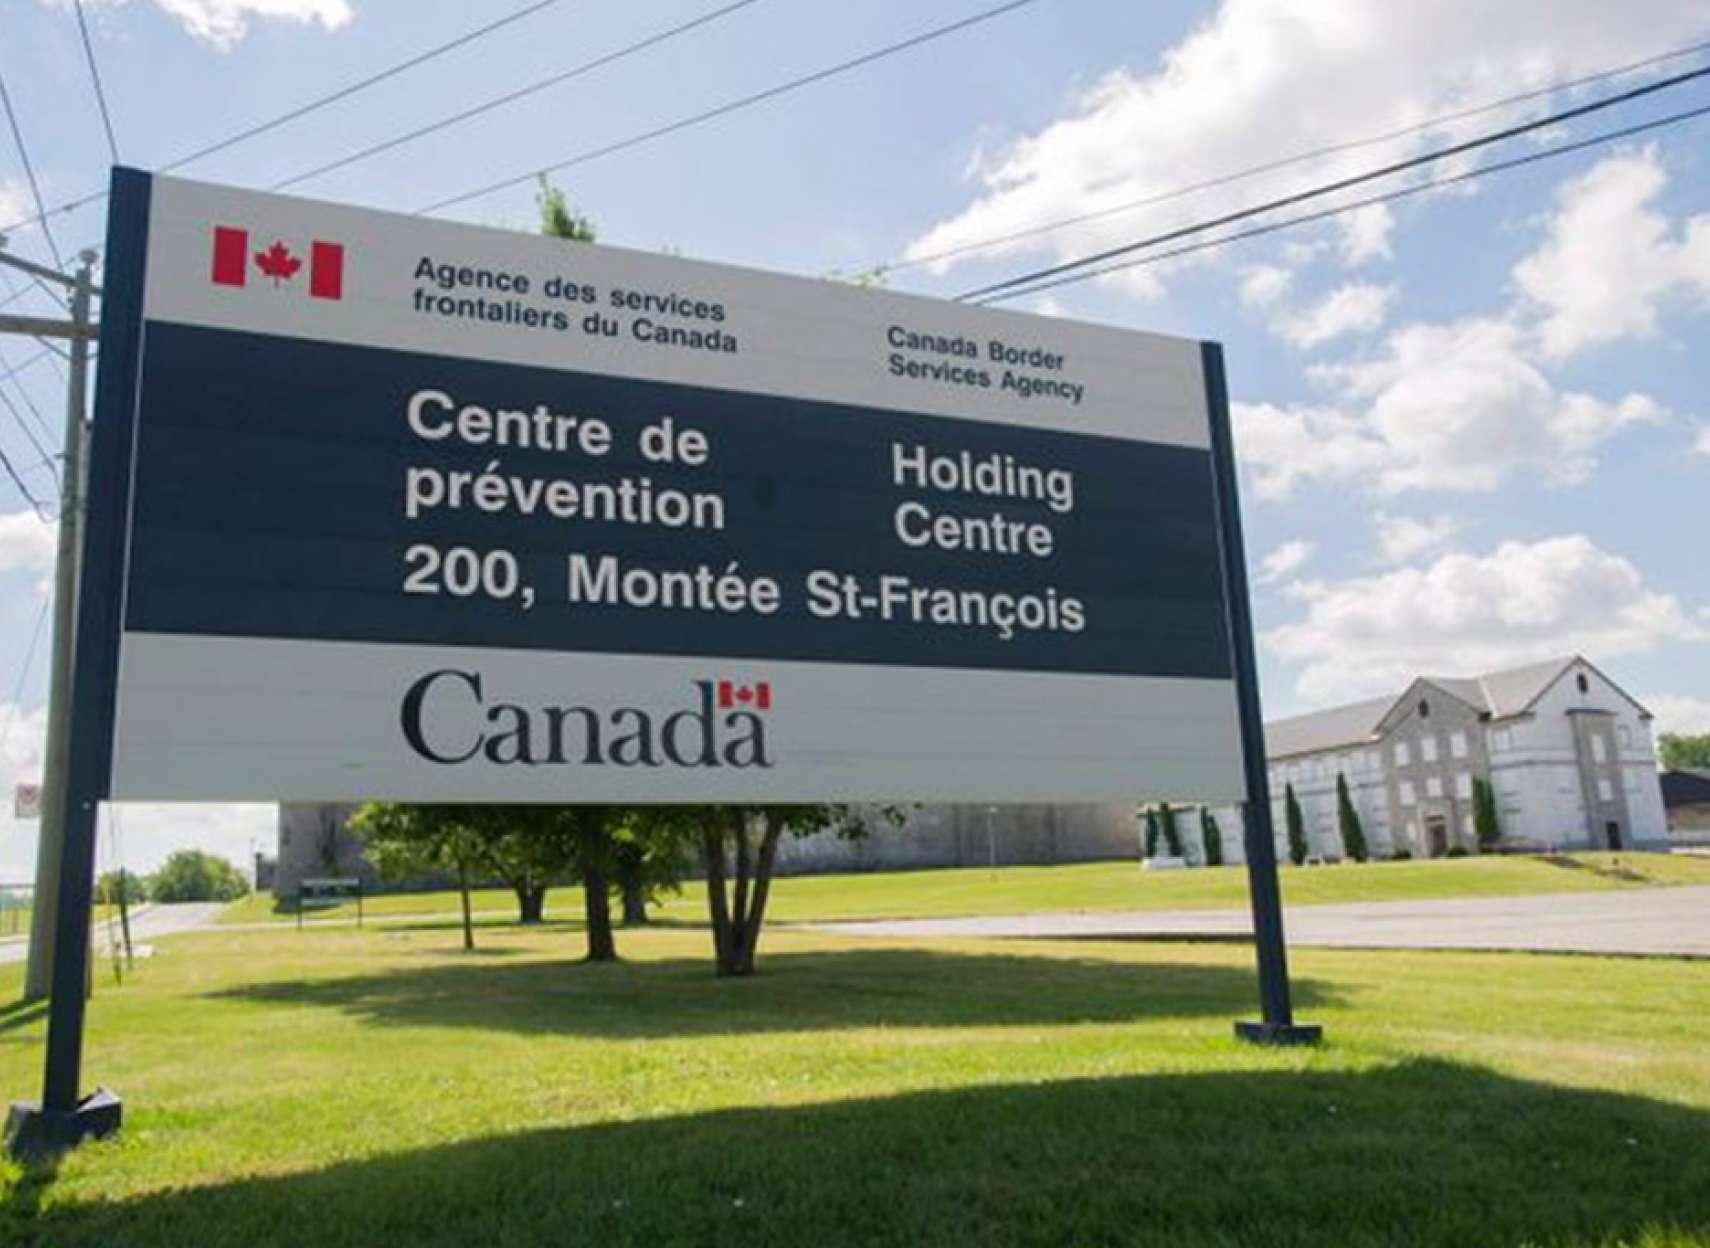 اخبار-کانادا-اردوگاه-پناهندههای-کانادا-چگونه-جایی-است